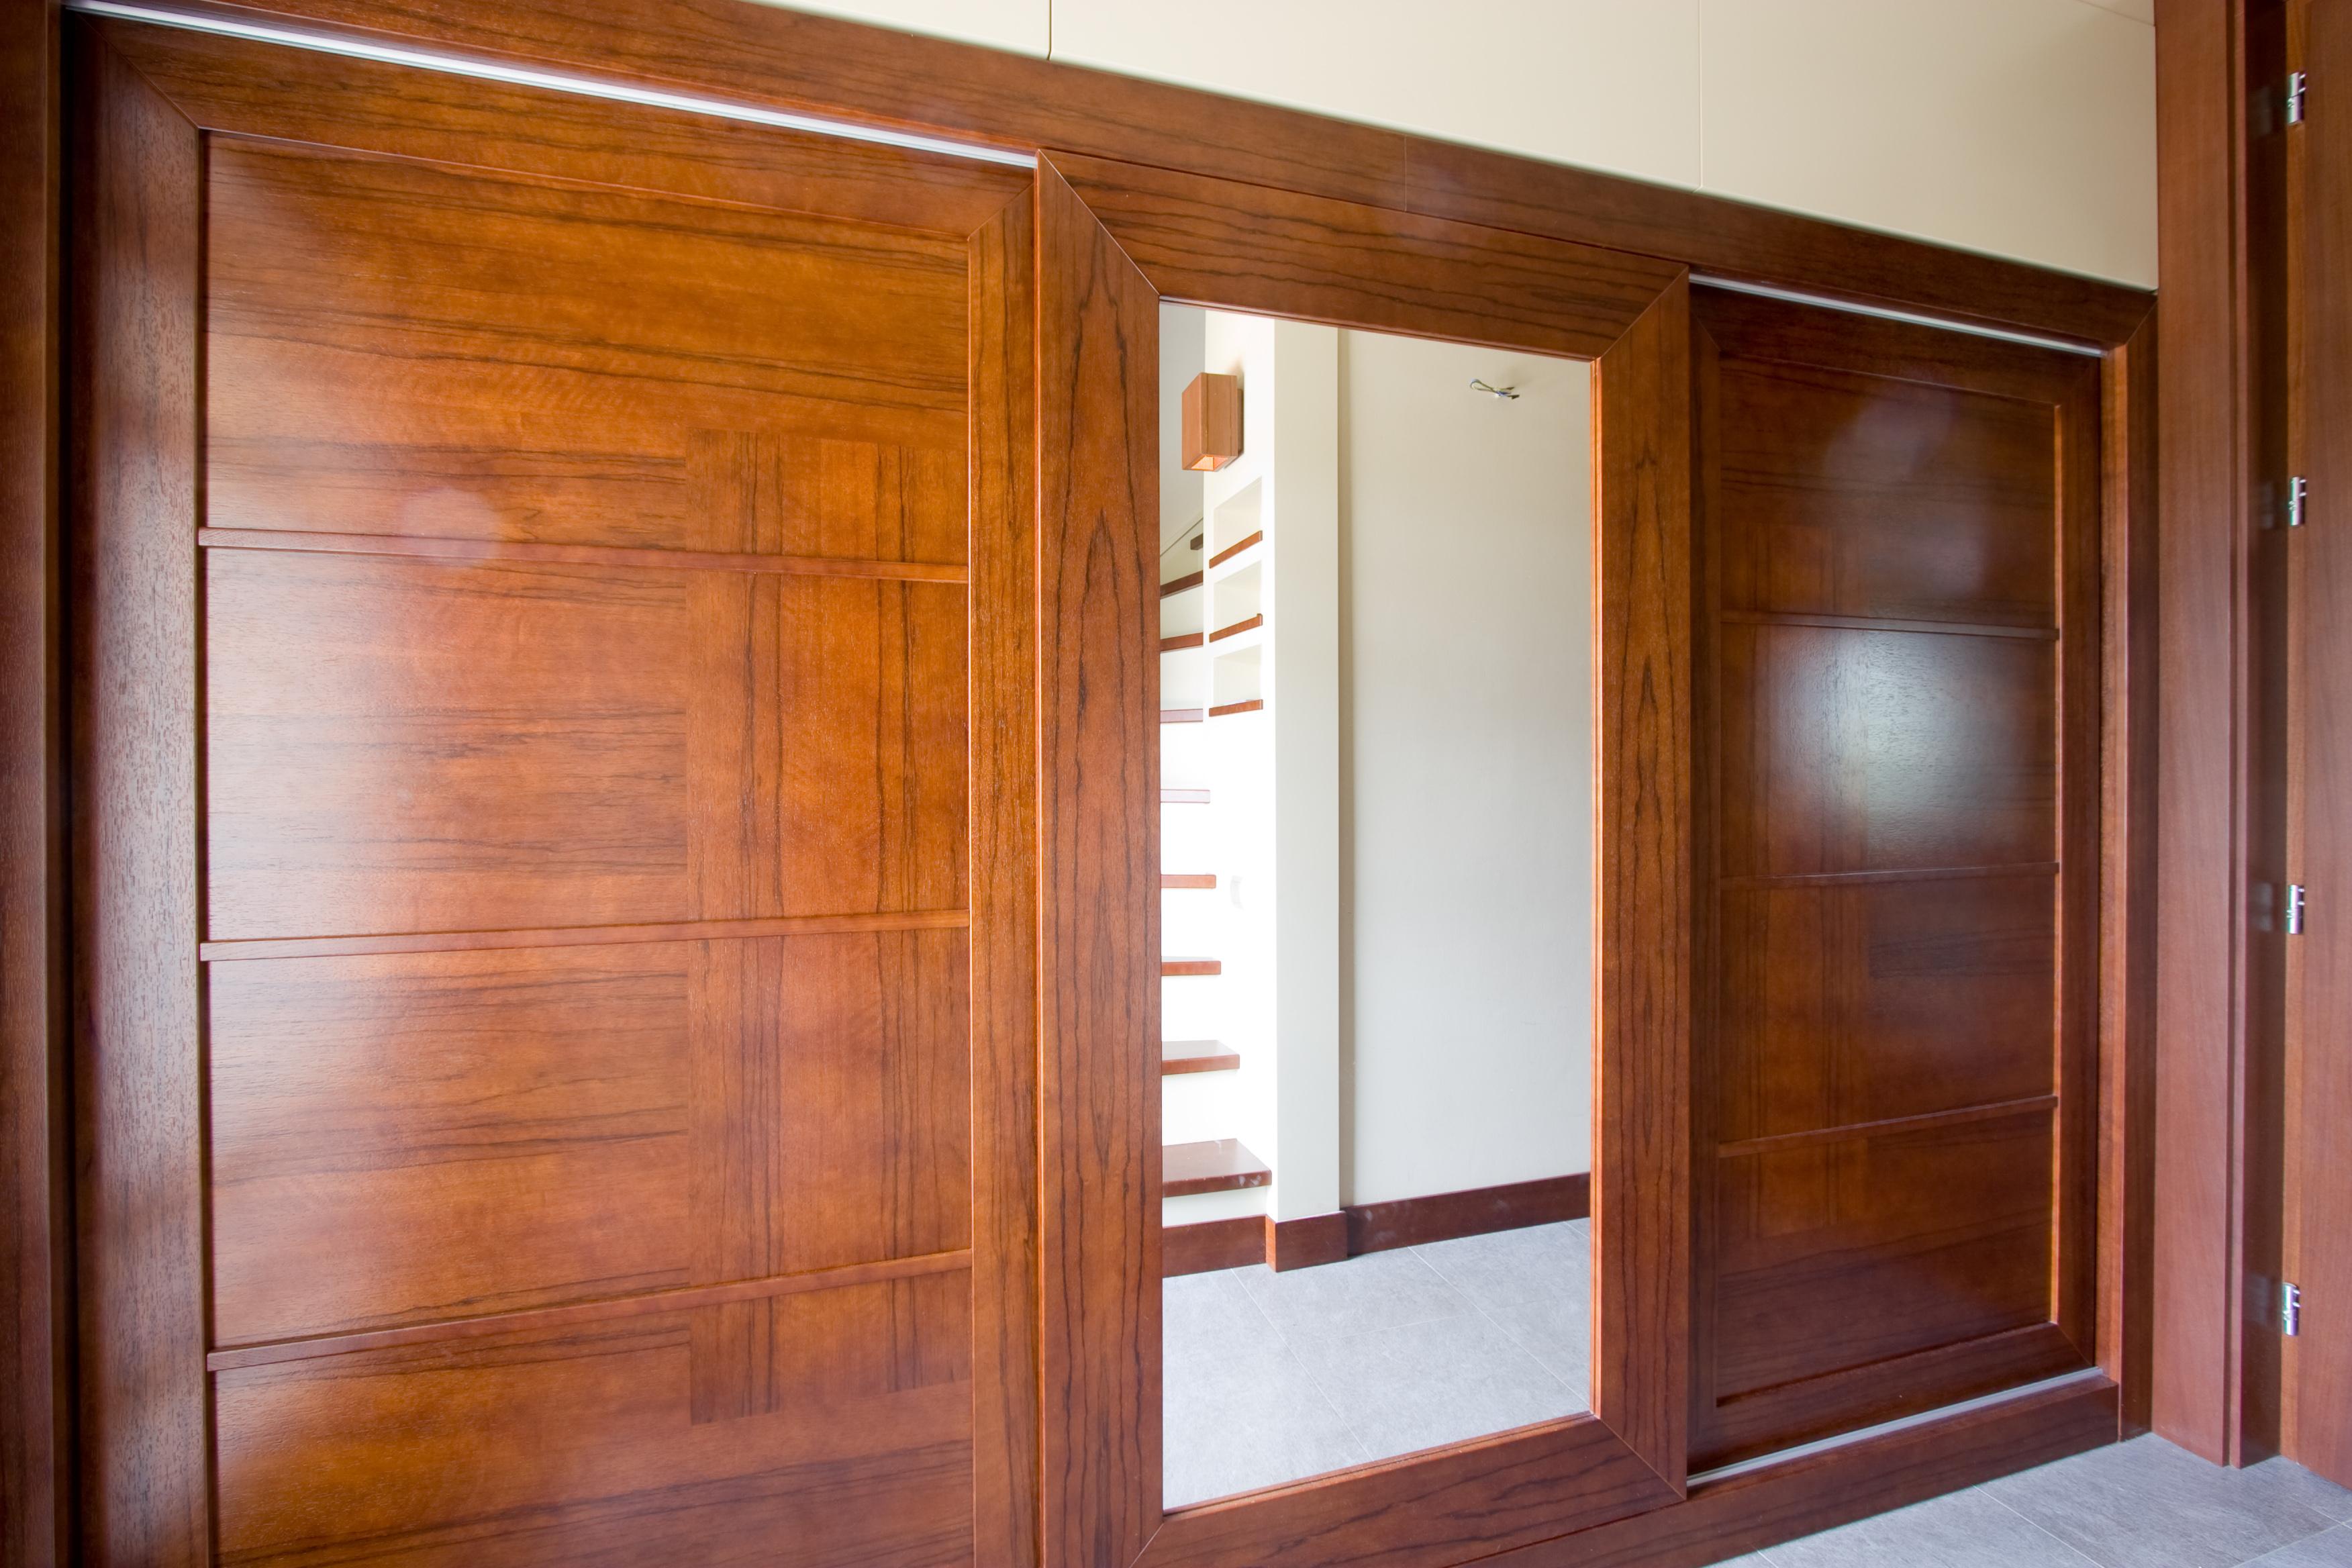 Frakenoir fa furnérozott beépített szekrény